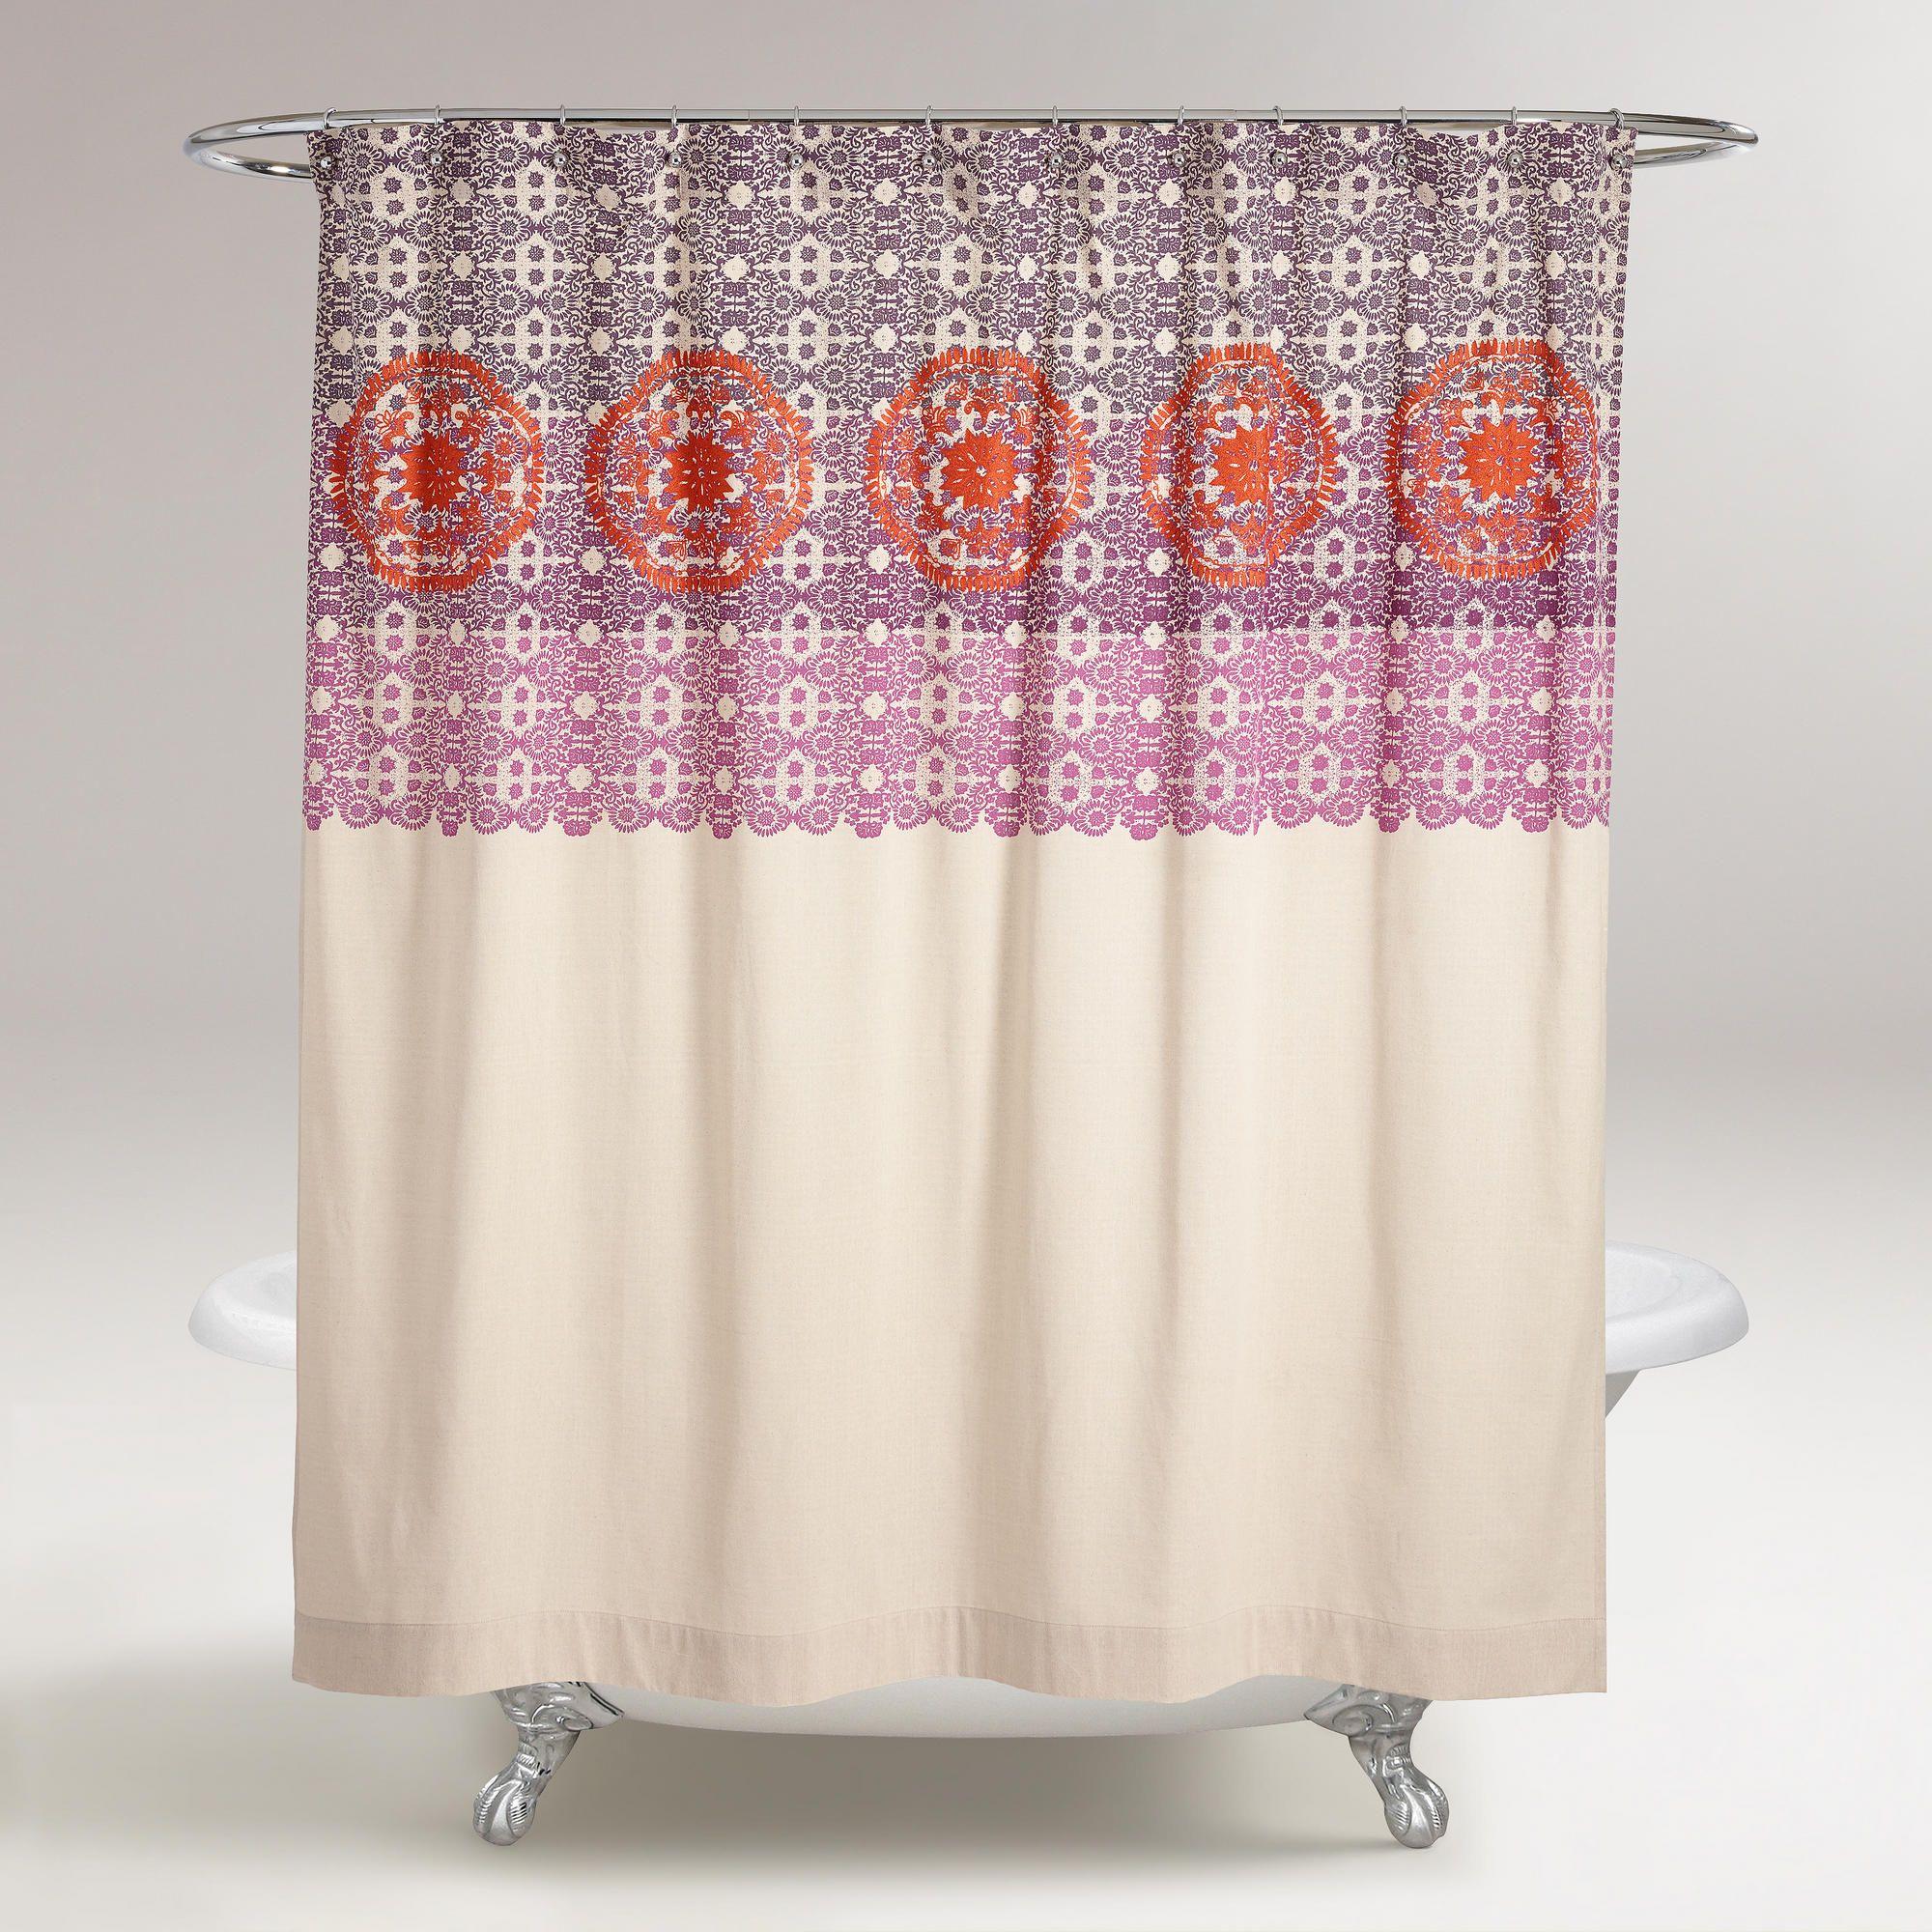 Iris embroidered shower curtain world market bathroom